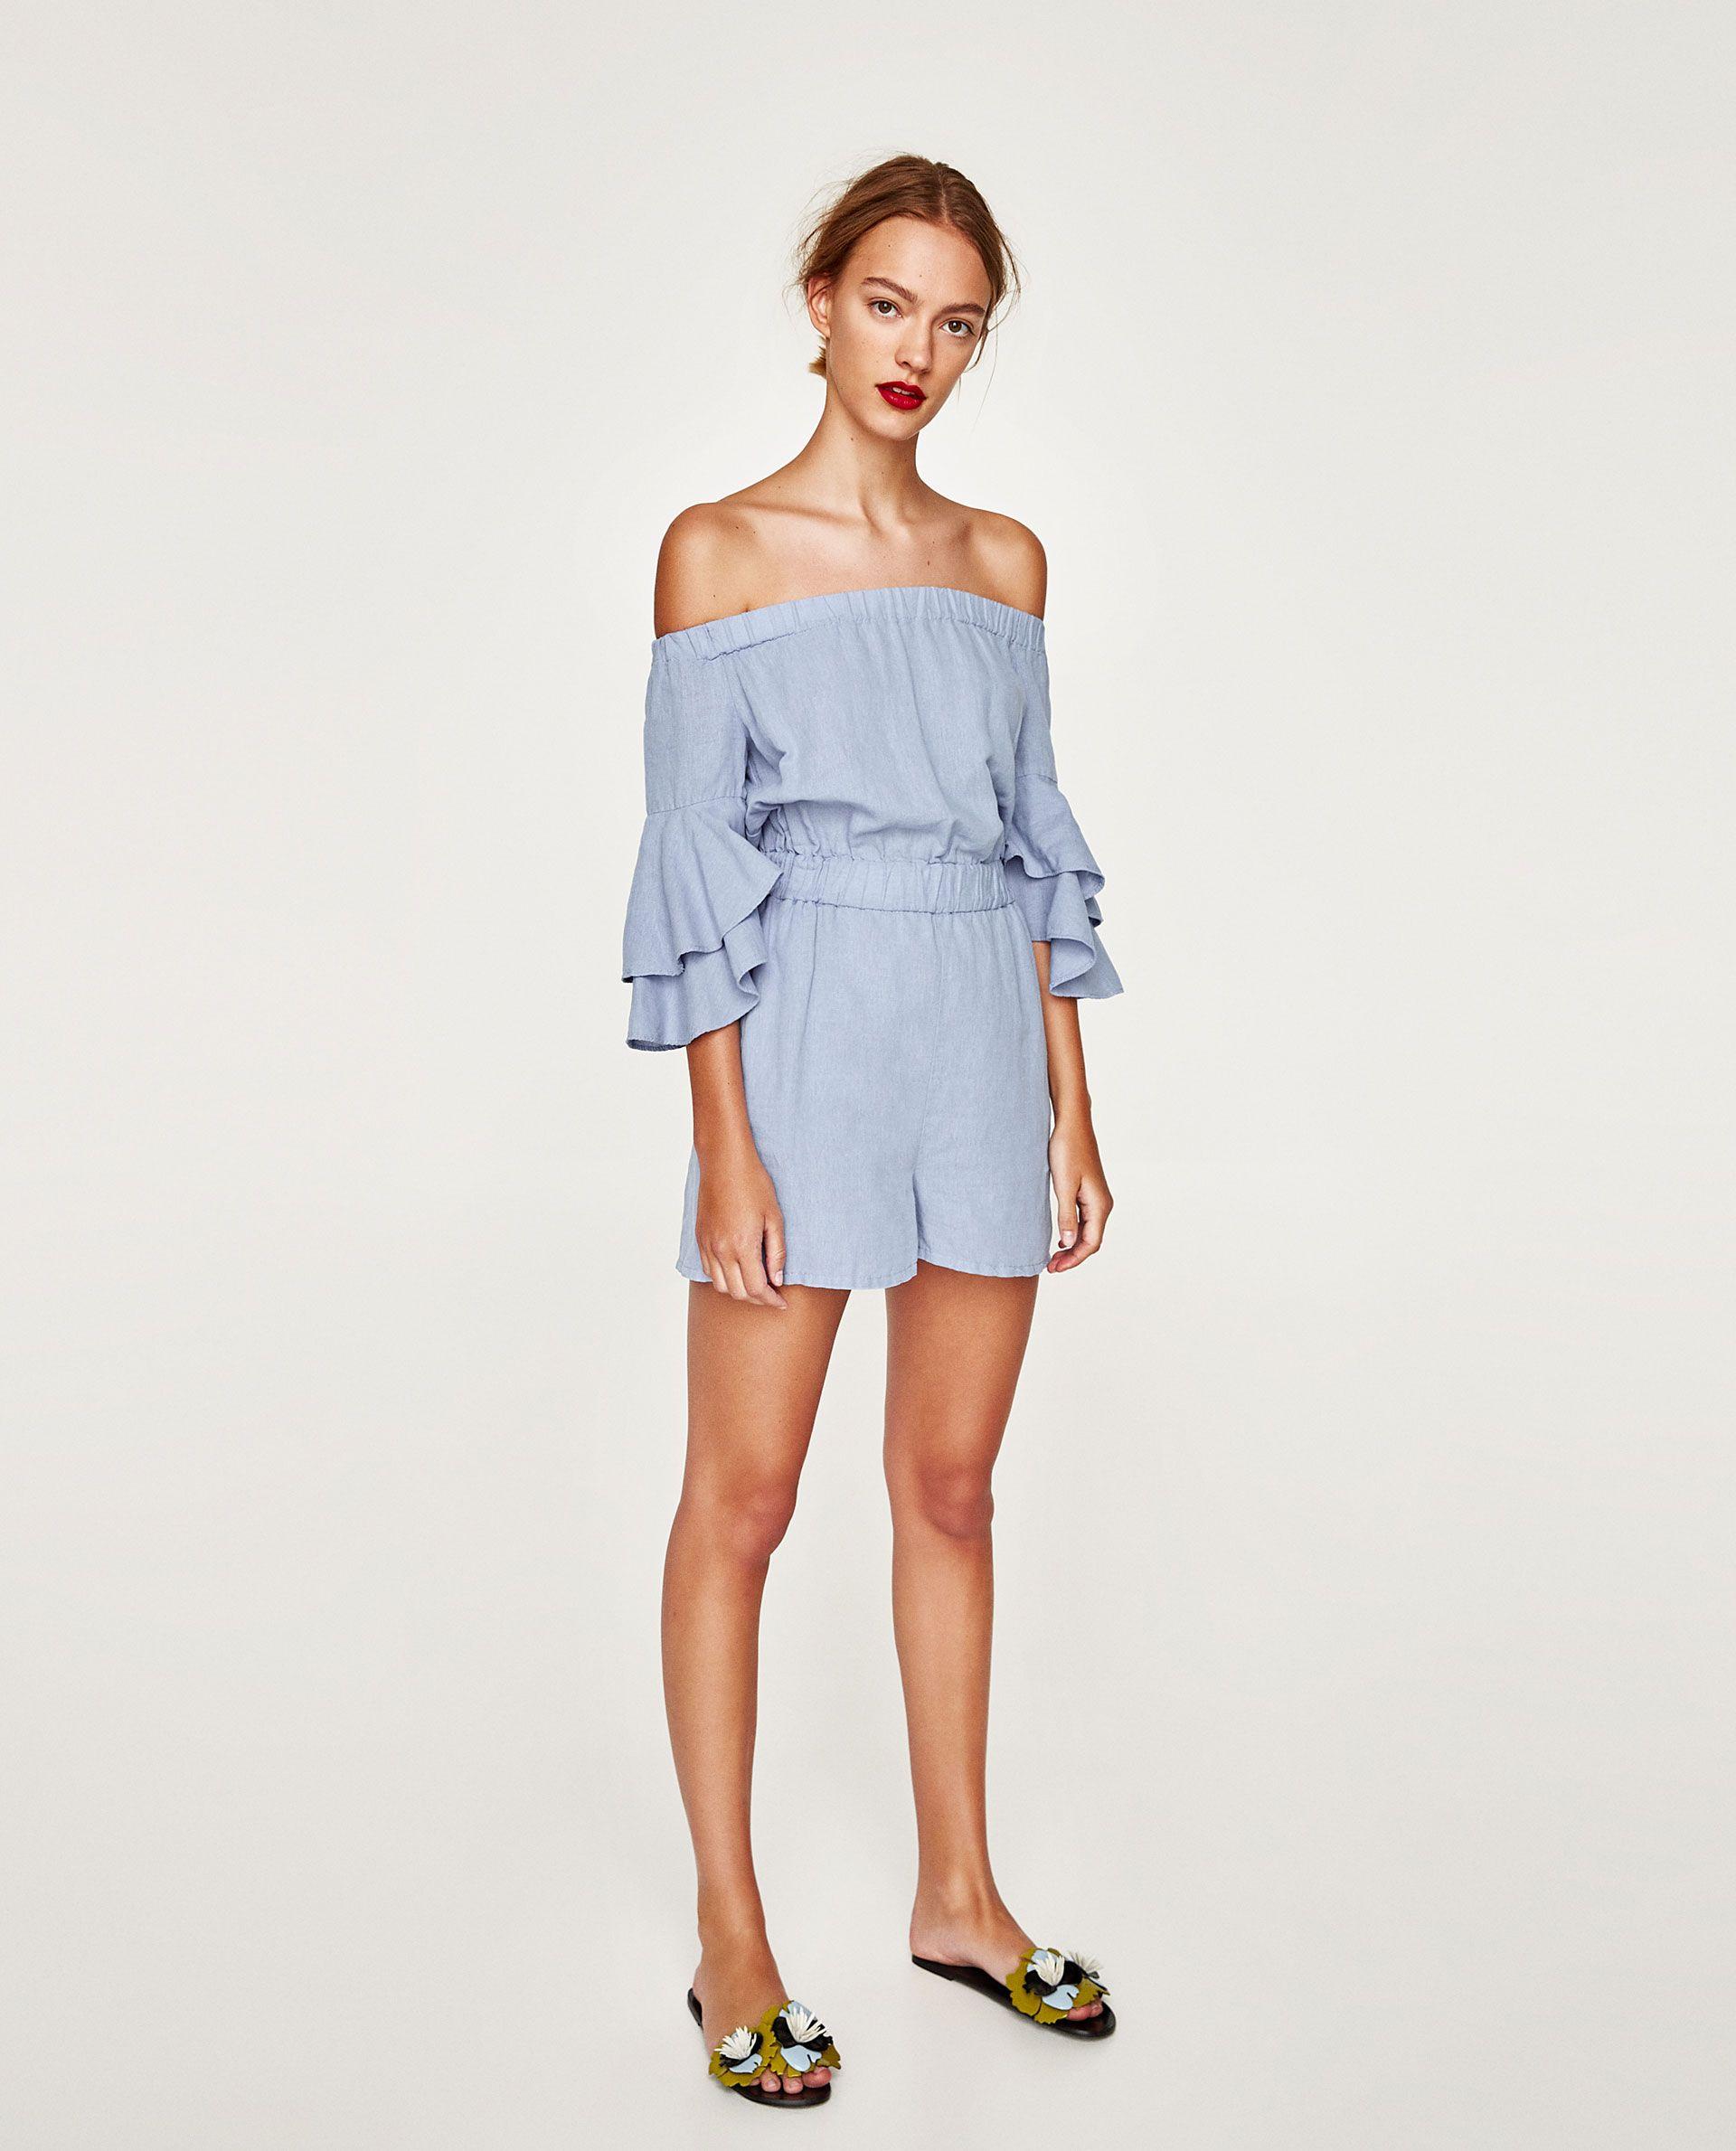 5c606be7 Jumpsuit Dress With Ruffled Sleeves Zara - raveitsafe